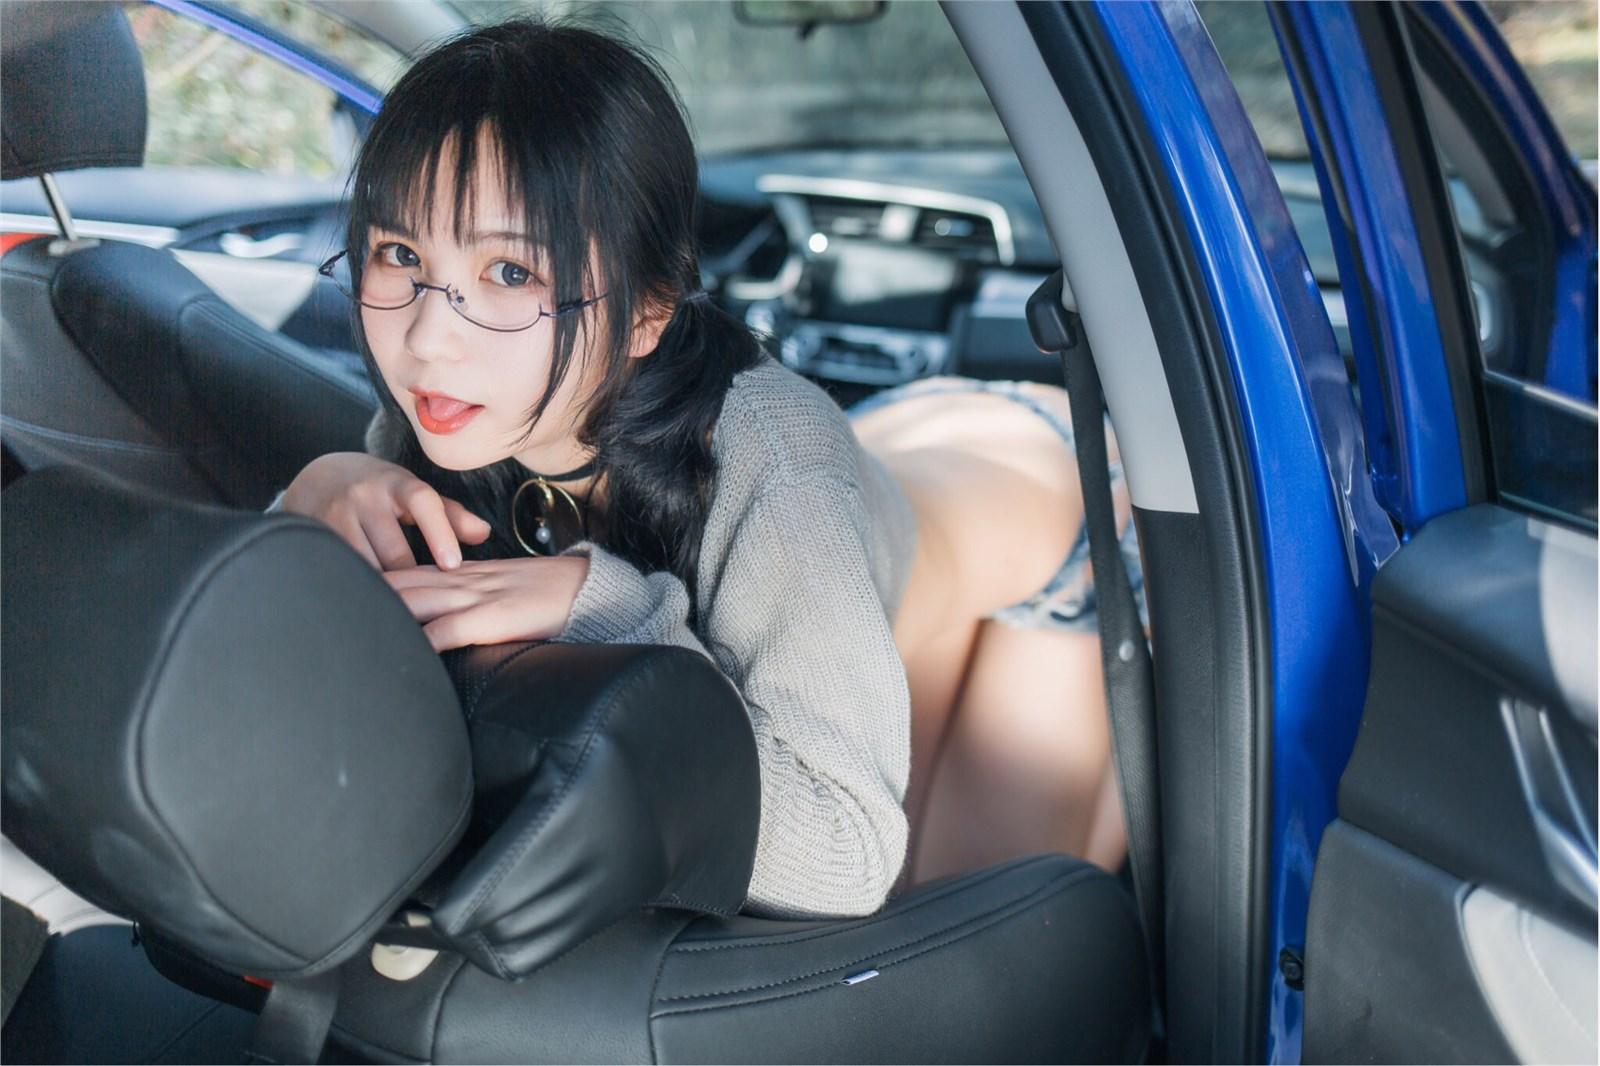 车内骚动的美女、车震她